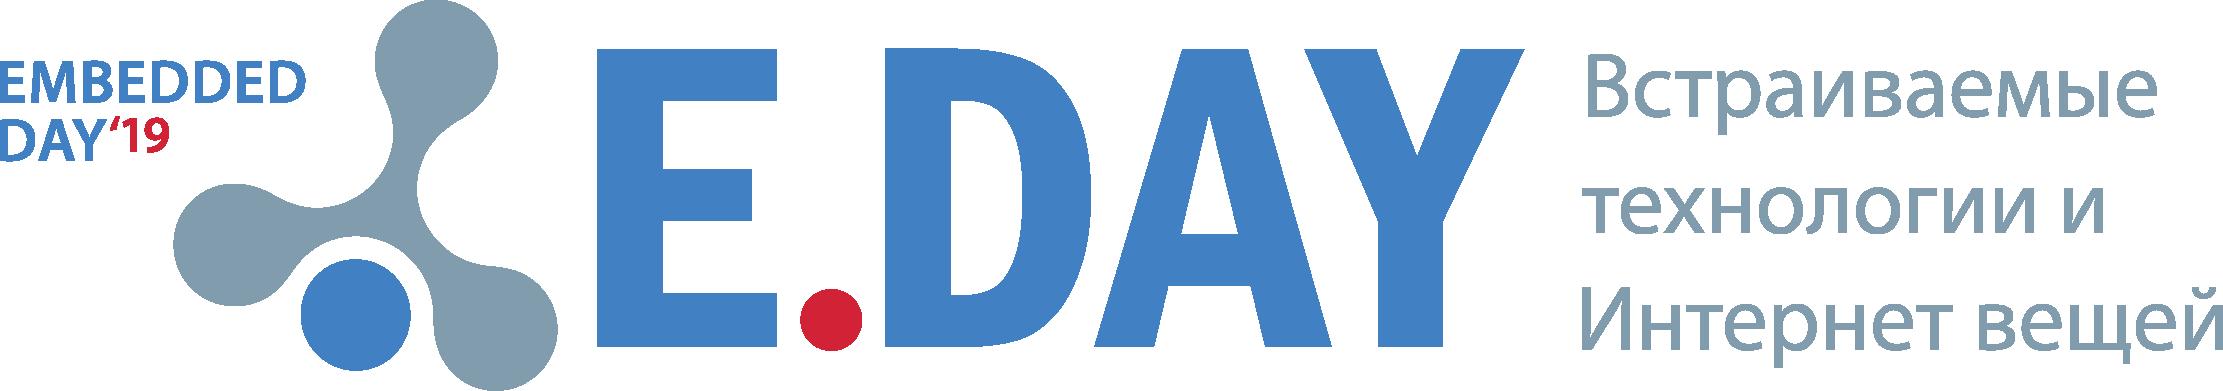 11-я ежегодная конференция «E.DAY 2019. Встраиваемые технологии и Интернет вещей»